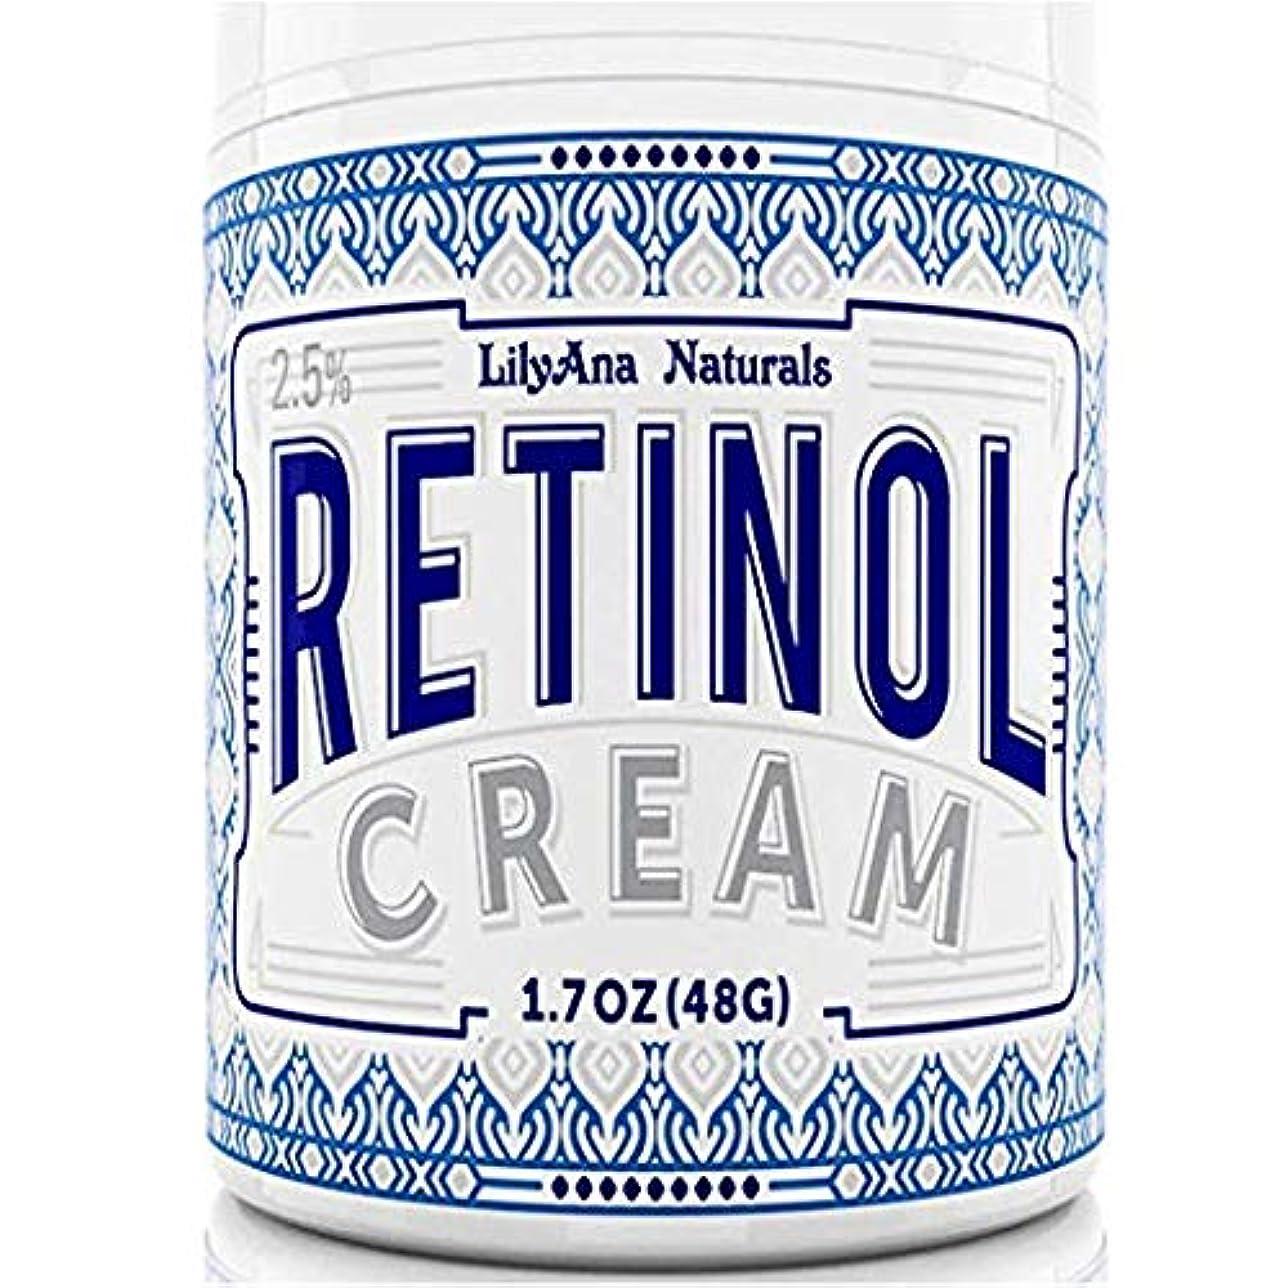 避けられない類推にやにやLilyAna 社 の レチノール モイスチャー クリーム LilyAna Naturals Retinol Cream Moisturizer 1.7 Oz